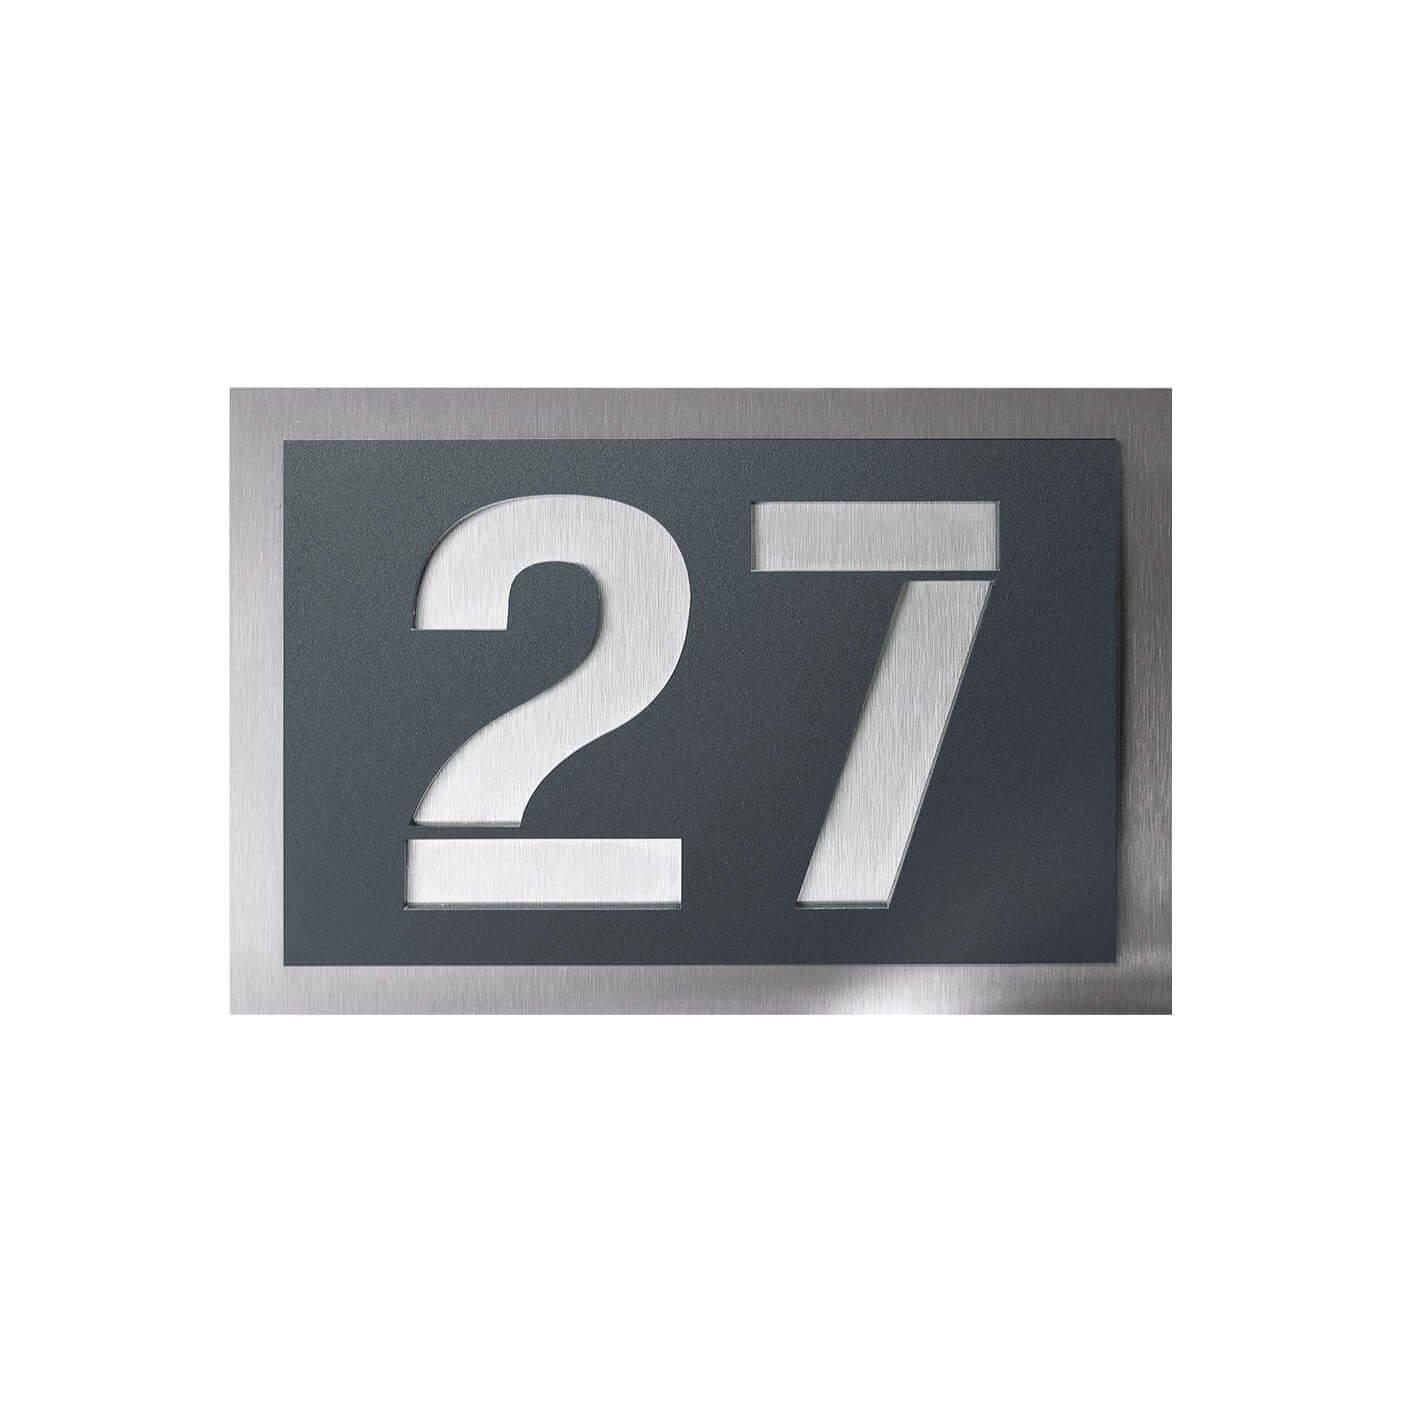 Hausnummer-Schild inkl 215x150 mm verschiedene Gr/ö/ßen in schwarz aus Edelstahl und Acrylglas Beschriftung